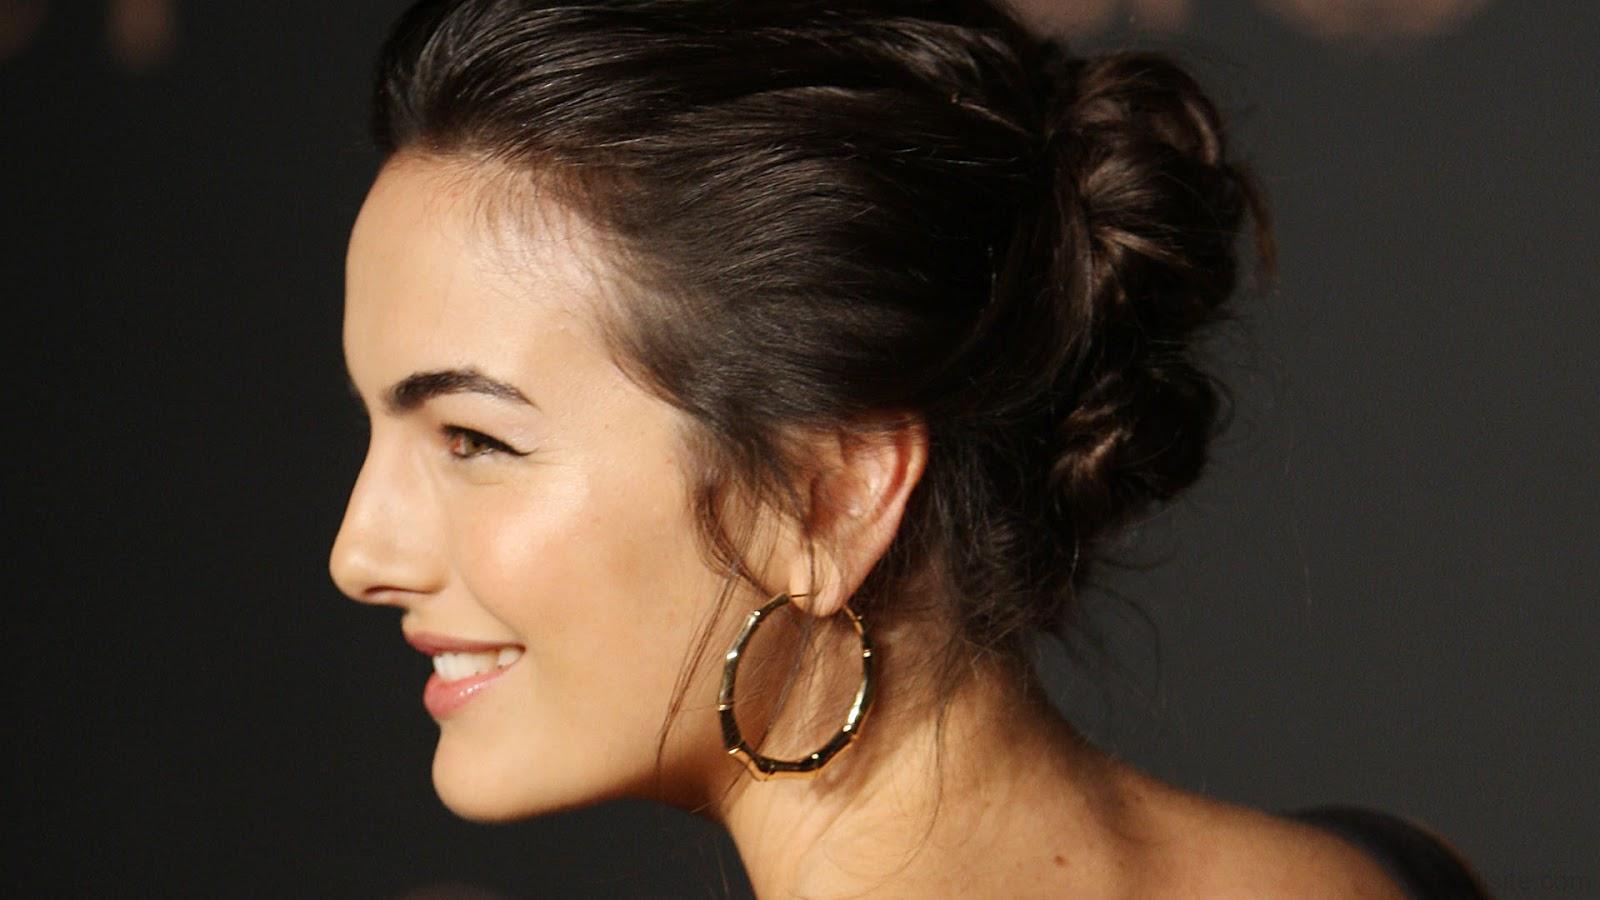 http://4.bp.blogspot.com/-tc-sB8CNb48/UUWMOuh7IKI/AAAAAAAABas/zraK14xzpd4/s1600/Camilla+Belle+(7)+-+Infi+Movies.jpg